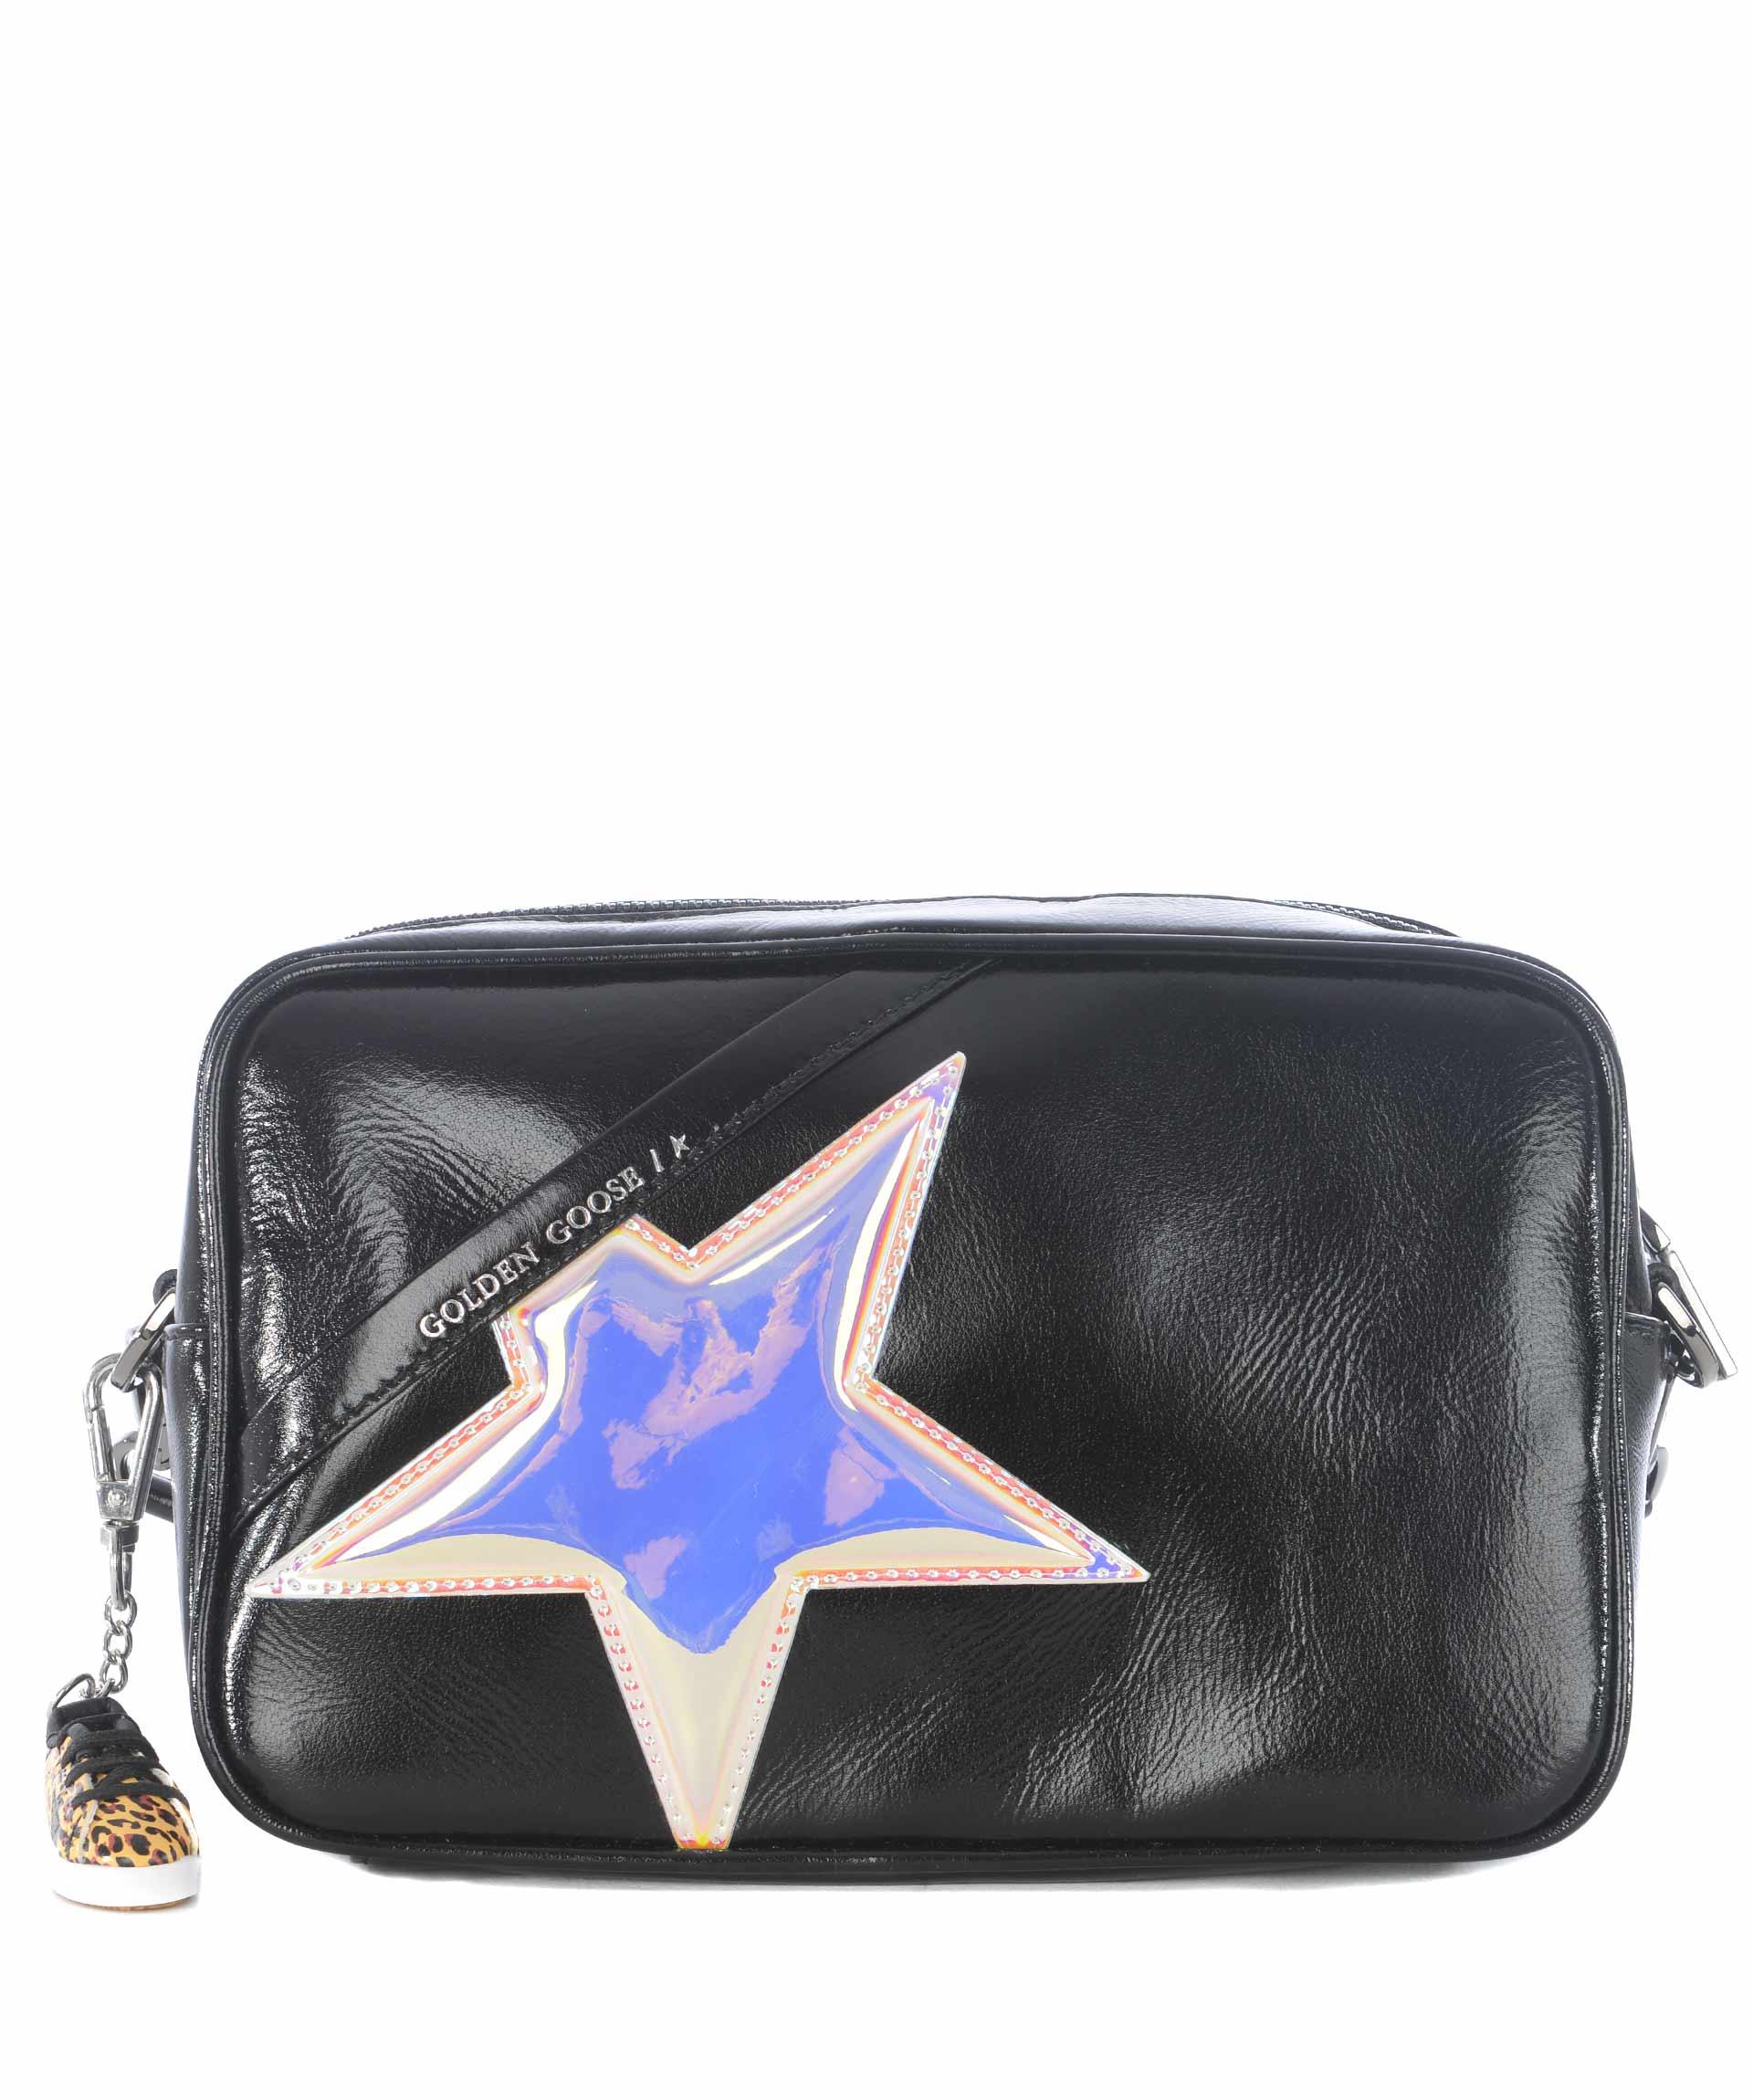 Borsetta a tracolla Golden Goose star bag